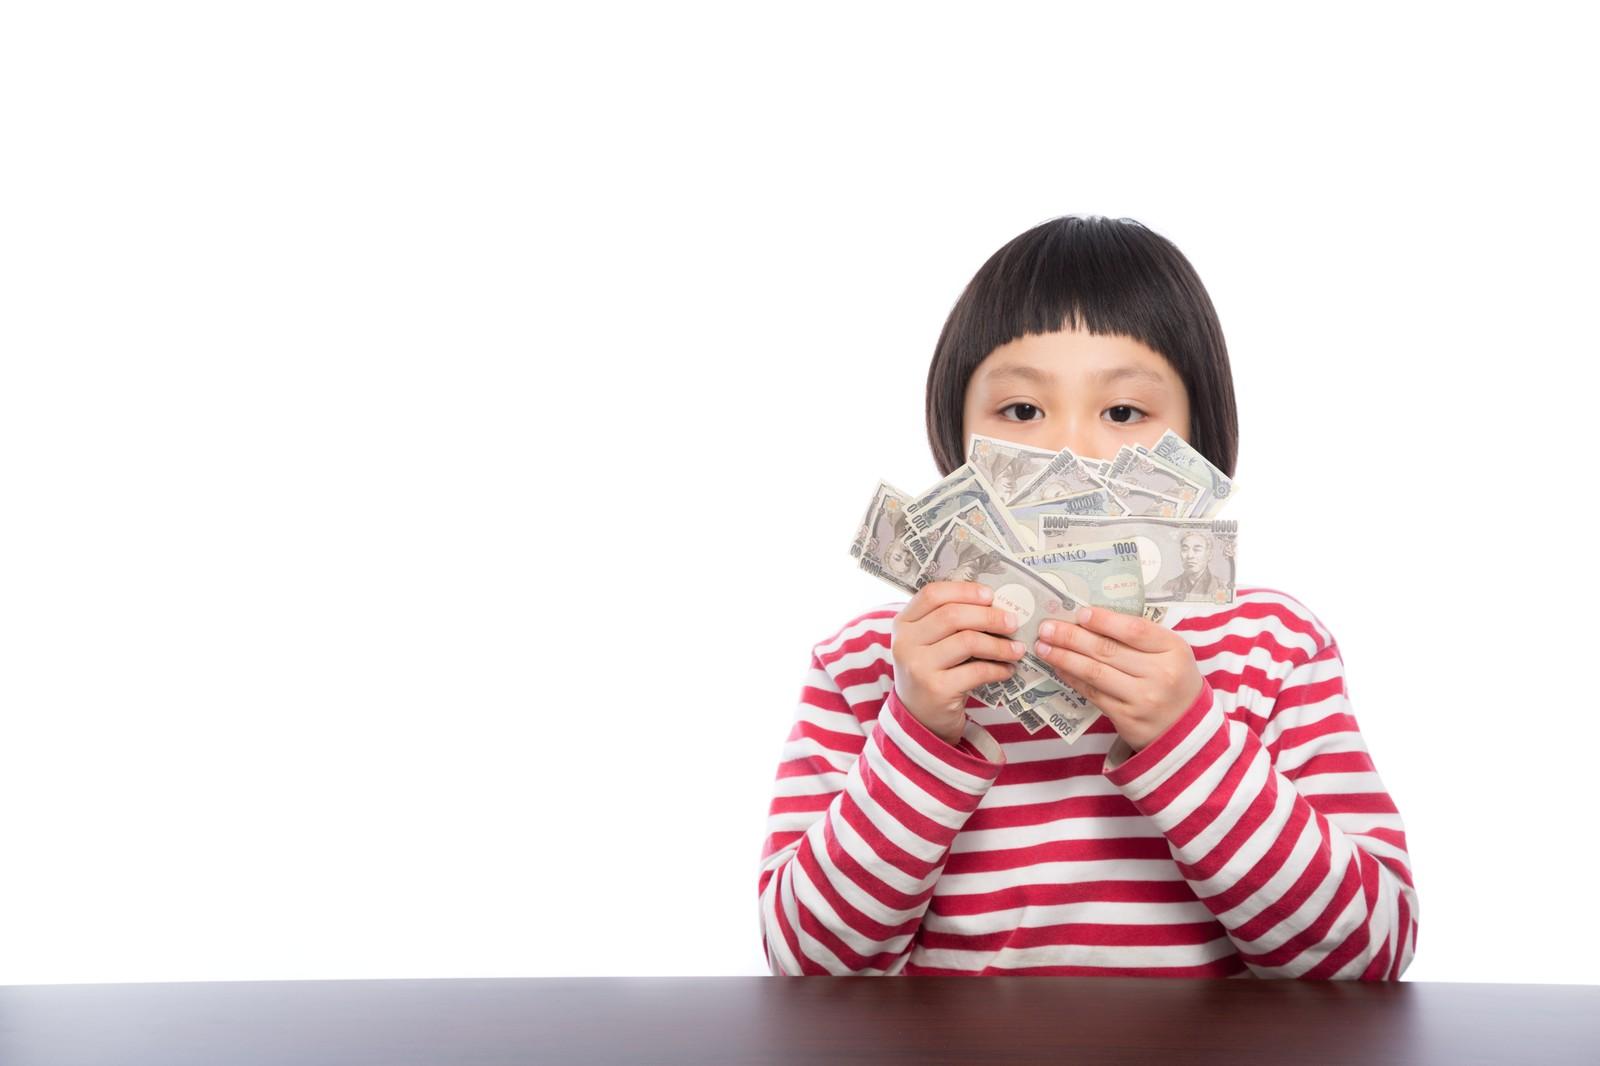 月収15万円稼いだ場合の所得税・社会保険について